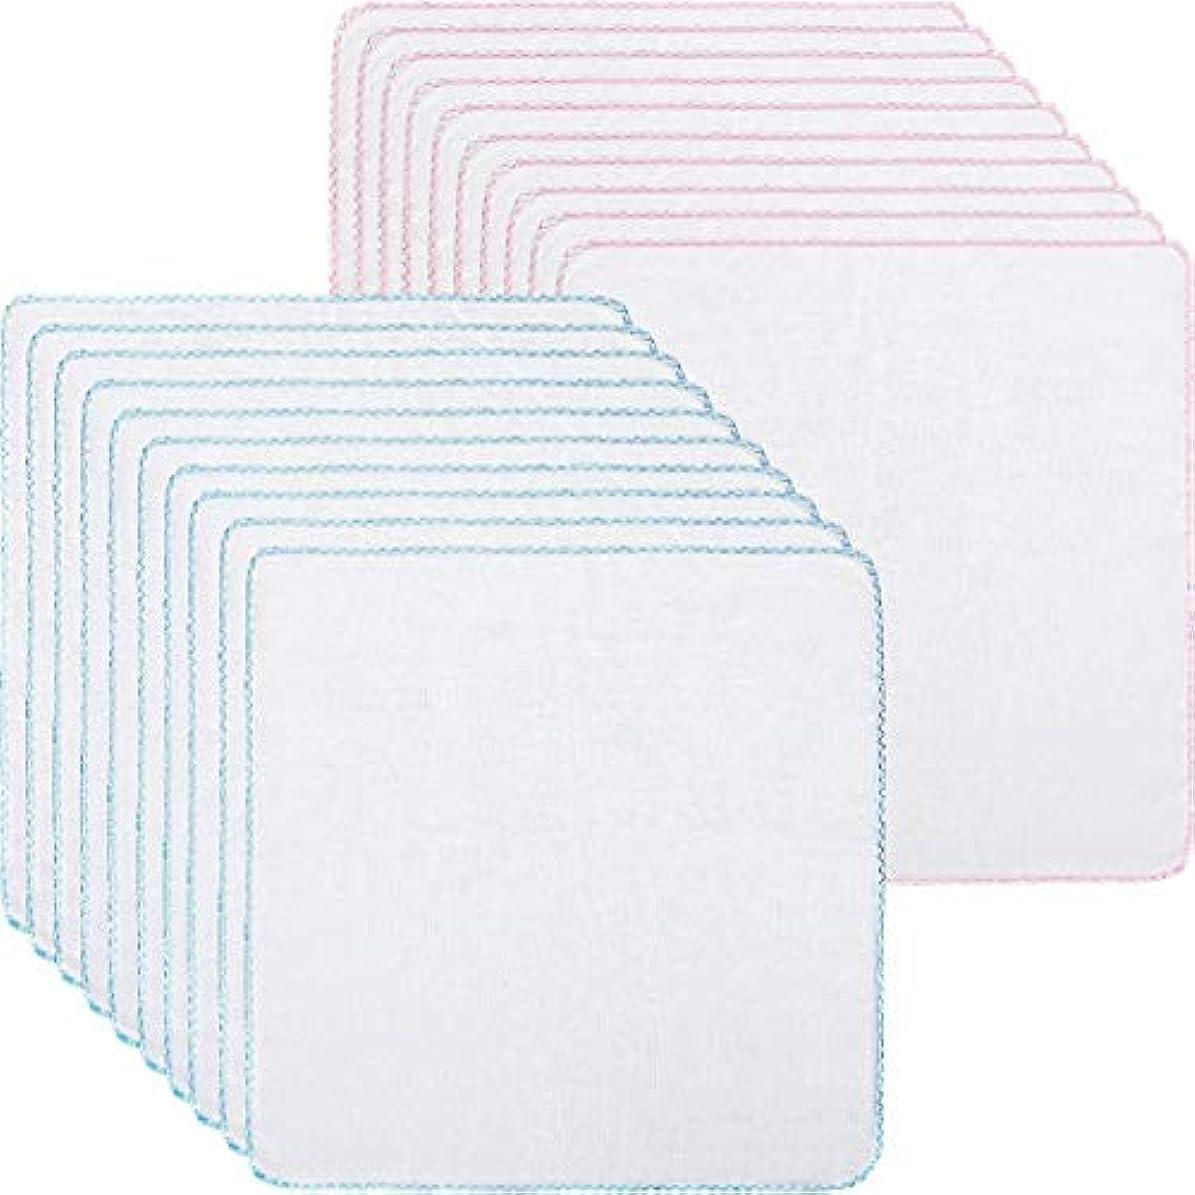 民主党仲間分泌するQuzama-JS 実用的な20ピースピュアコットンフェイシャルクレンジングmuslinクロスソフトフェイシャルクレンジングメイクリムーバー布、青とピンク